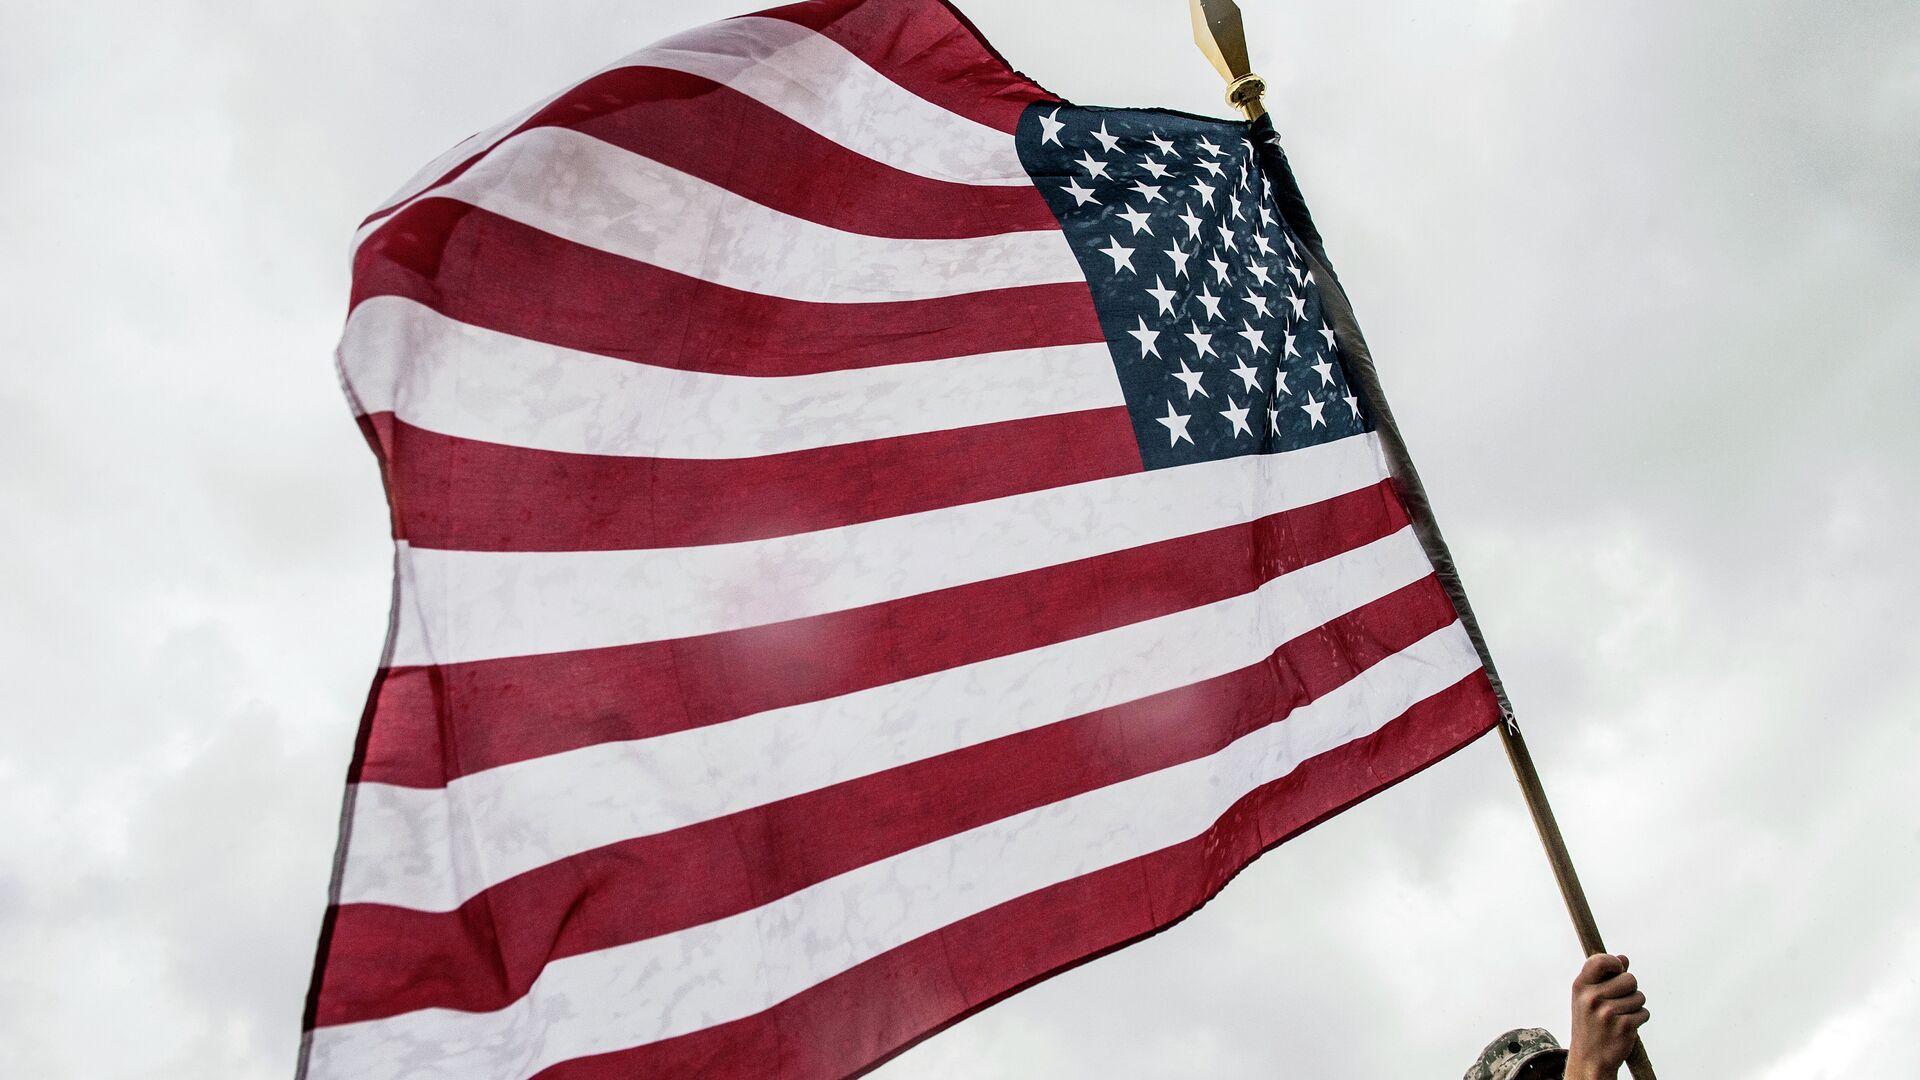 Vlajka USA - Sputnik Česká republika, 1920, 29.07.2021